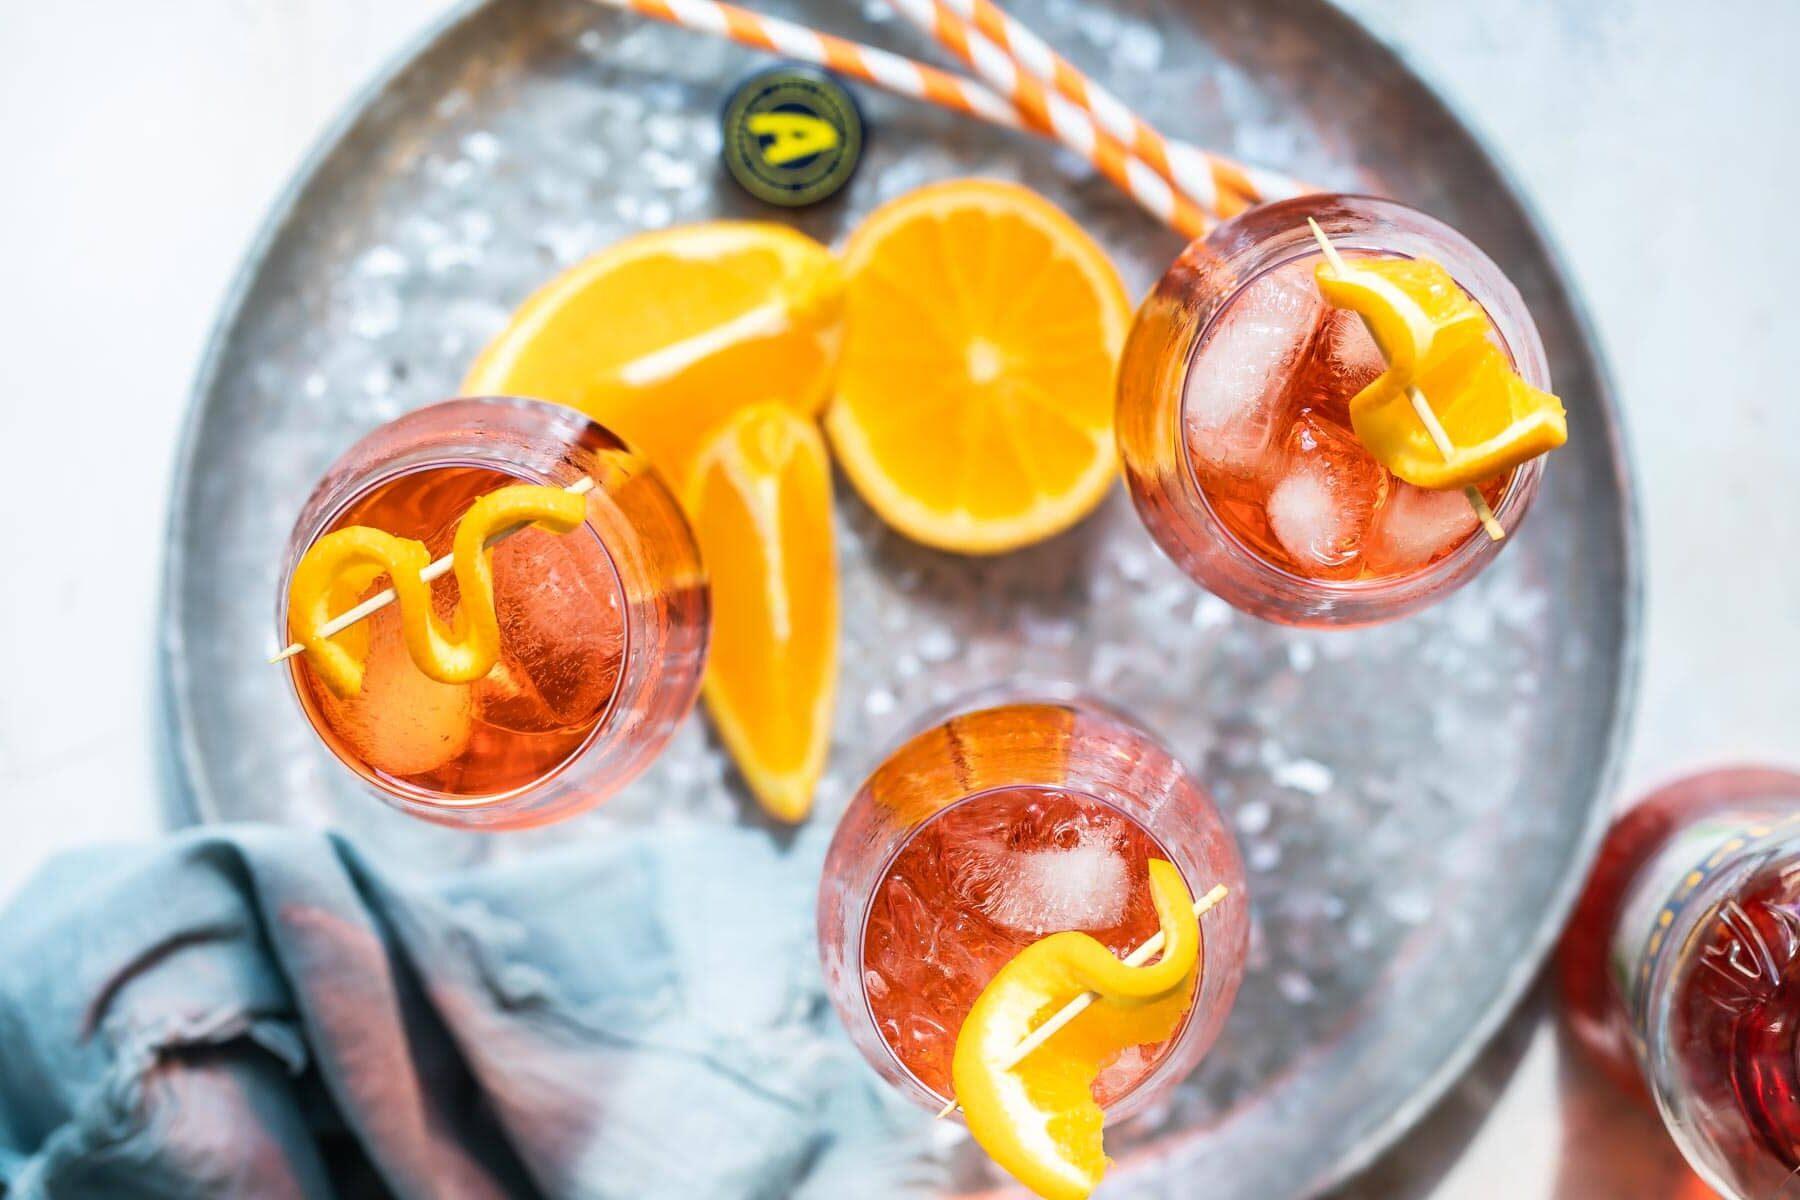 3 Aperol Spritz cocktails ona. metal tray.